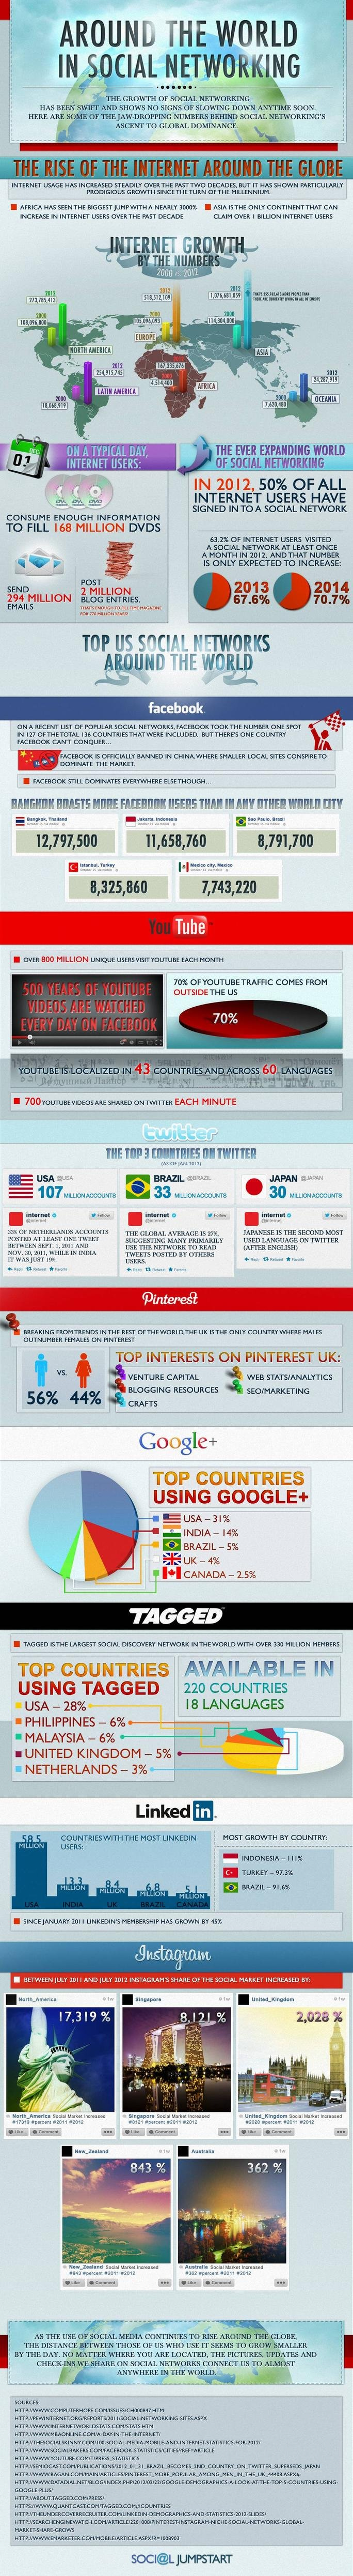 Crecemento das redes sociais en todo o mundo.